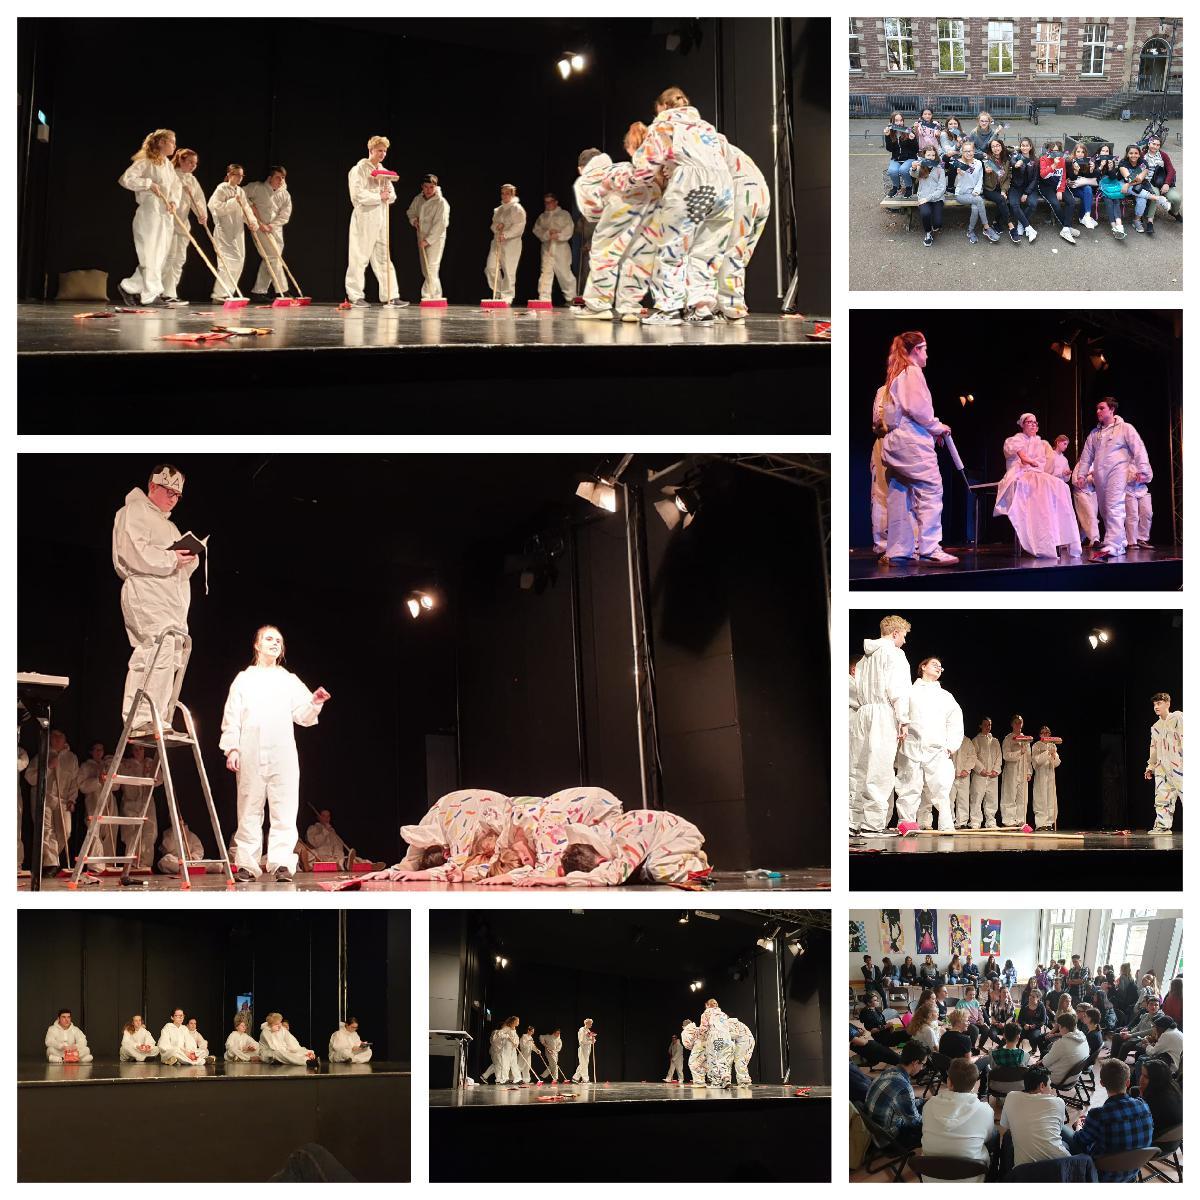 KKG-Kurs Szenisches Gestalten beim Theaterfestival Maskerade in Düsseldorf